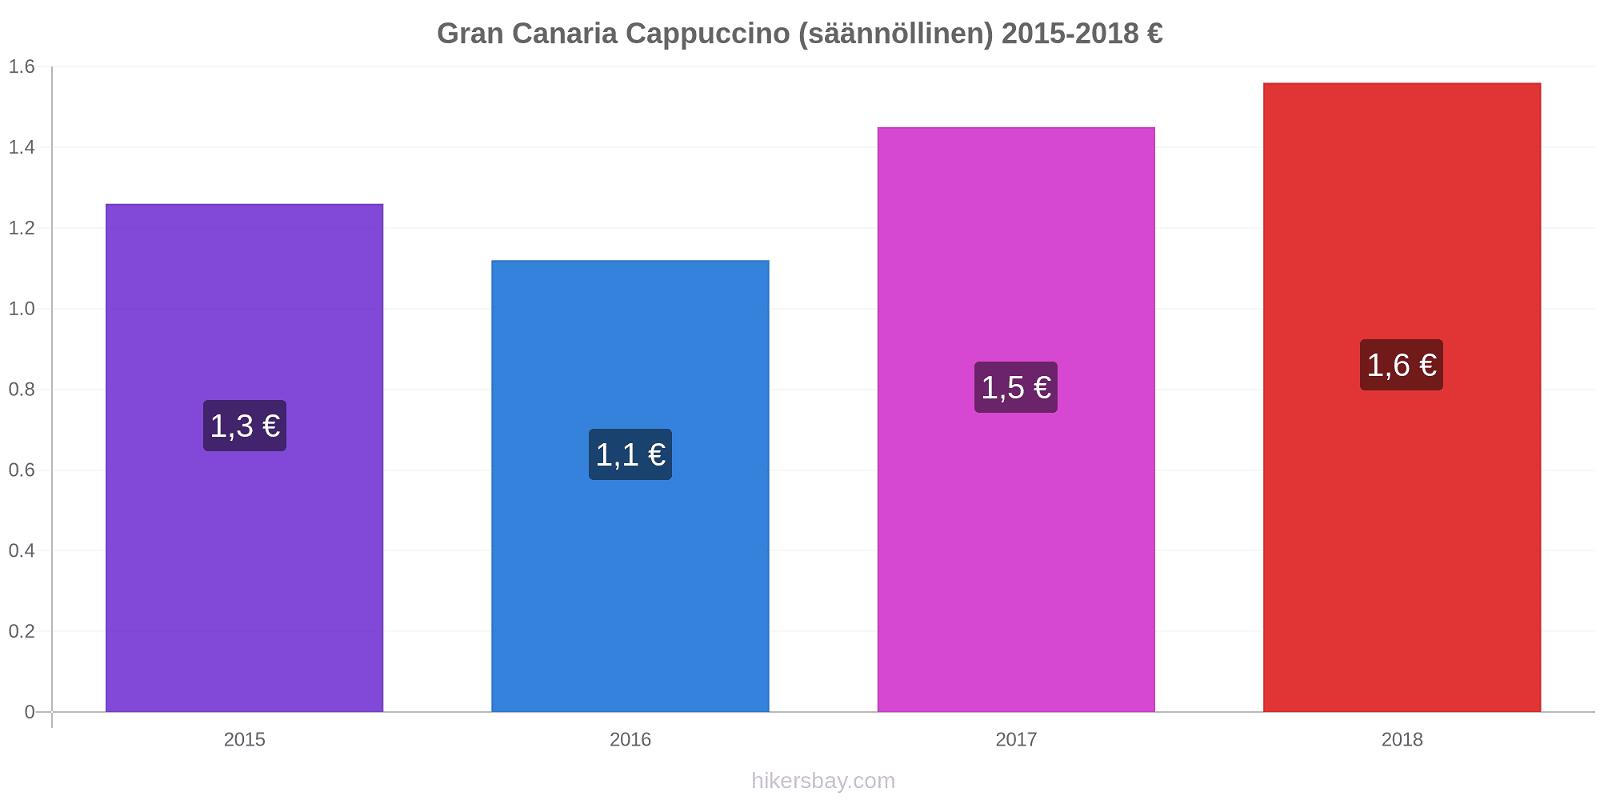 Gran Canaria hintojen muutokset Cappuccino (säännöllinen) hikersbay.com